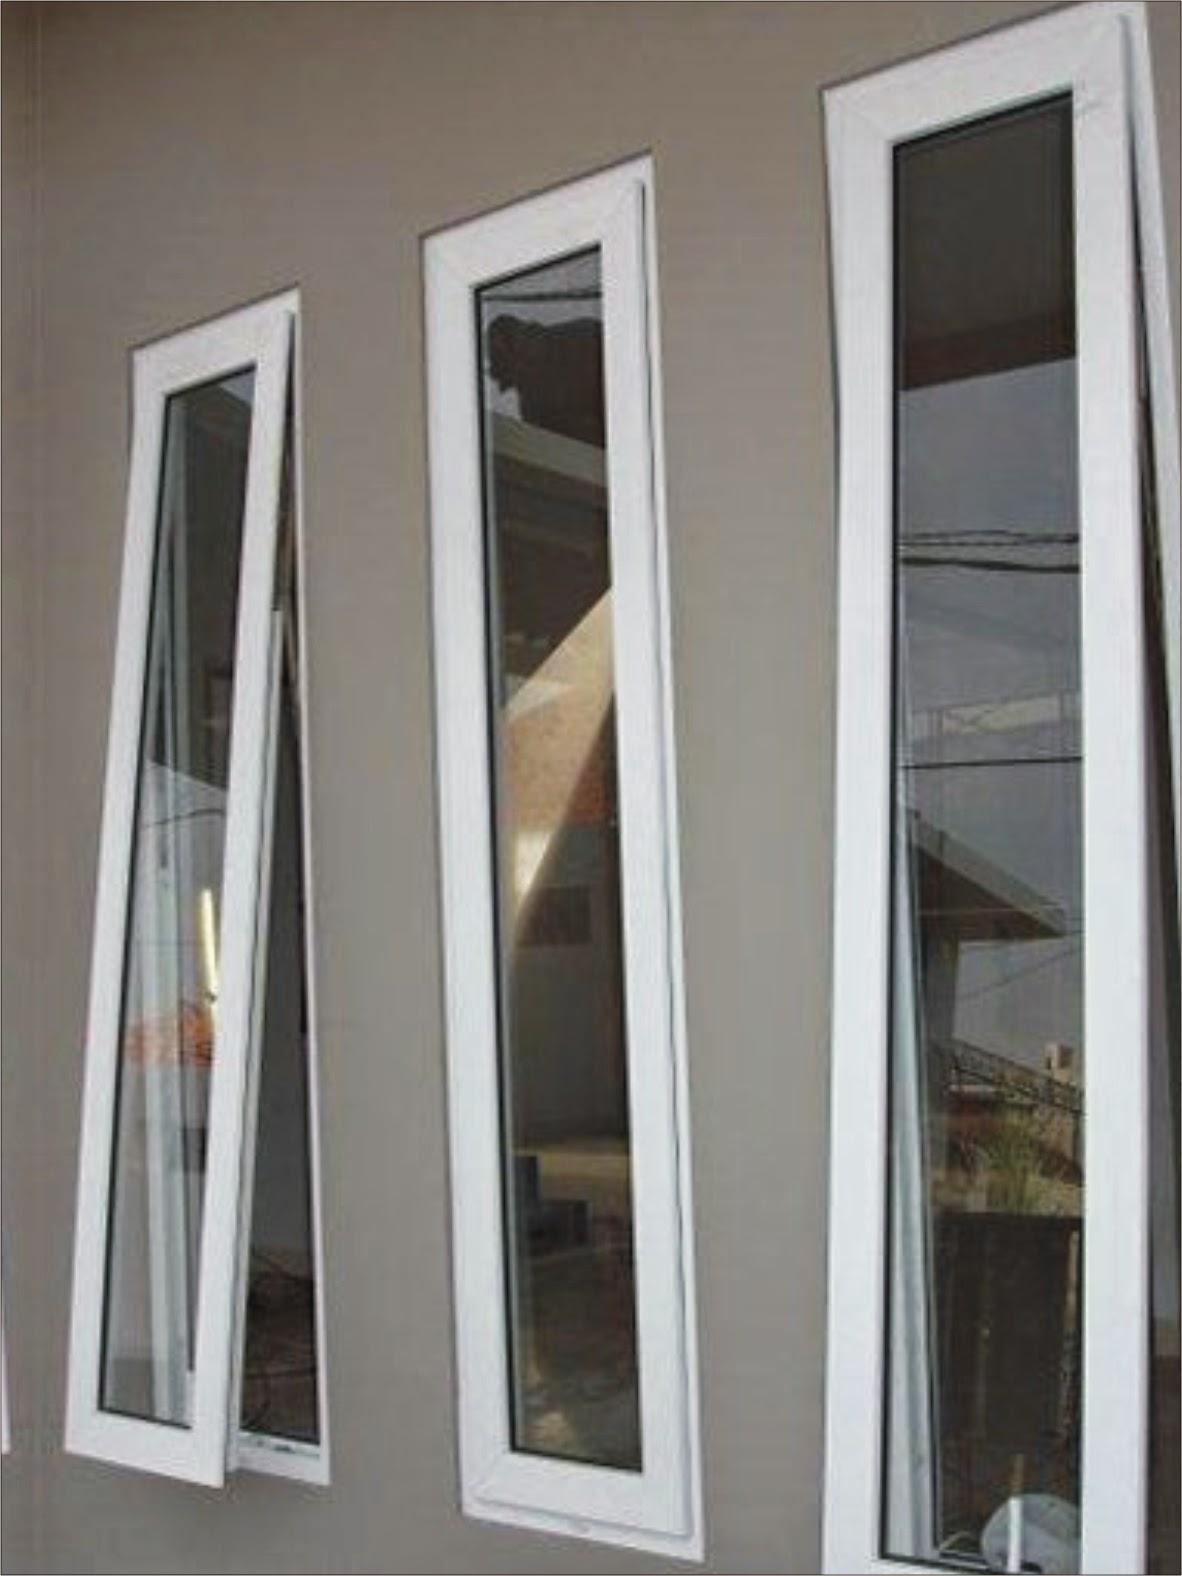 70 Model Desain Jendela Minimalis Terbaru Model Desain Rumah Minimalis Bentuk jendela rumah minimalis